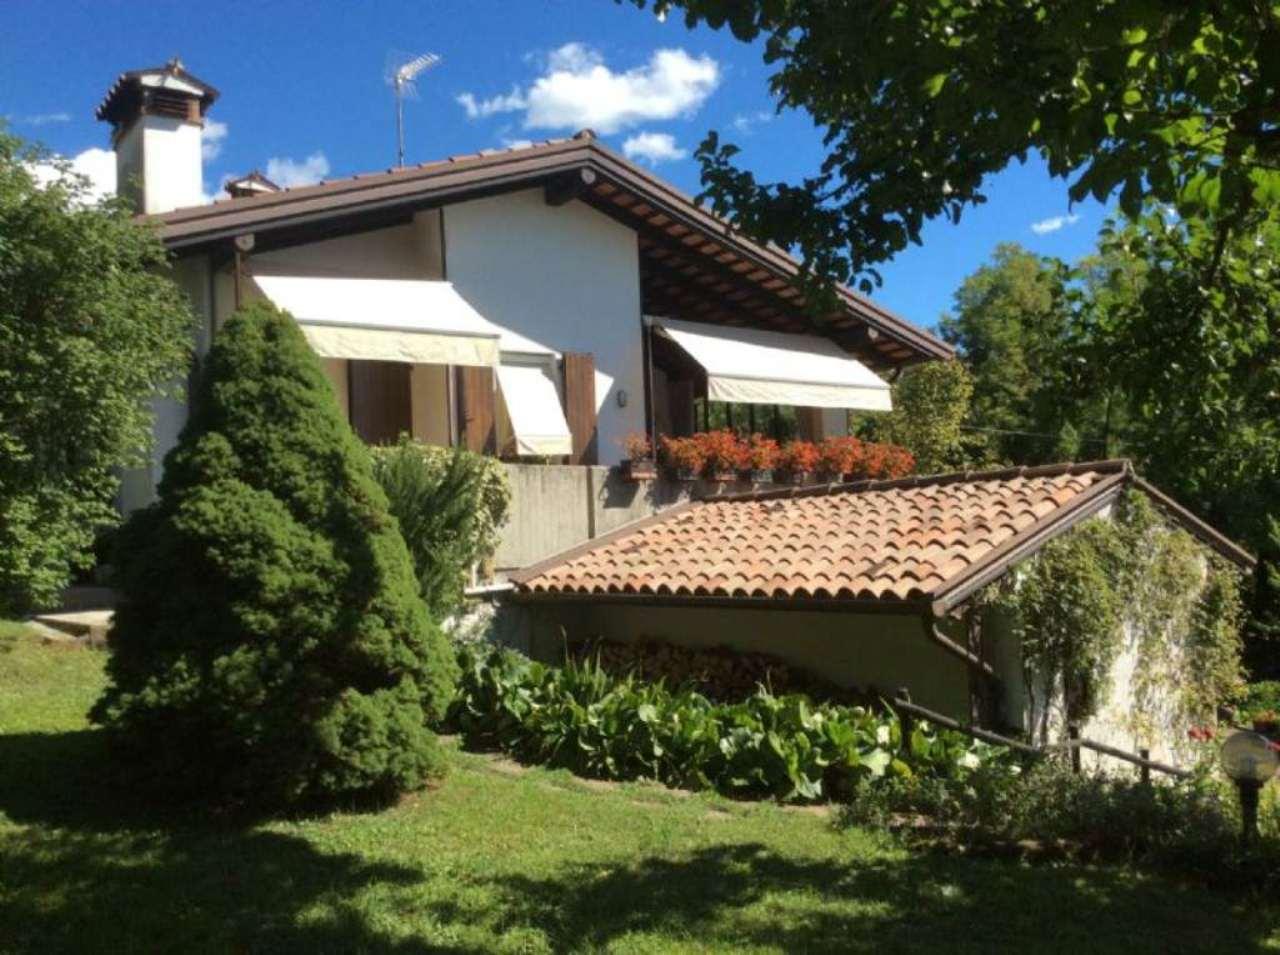 Villa in vendita a Cividale del Friuli, 9999 locali, prezzo € 395.000 | CambioCasa.it